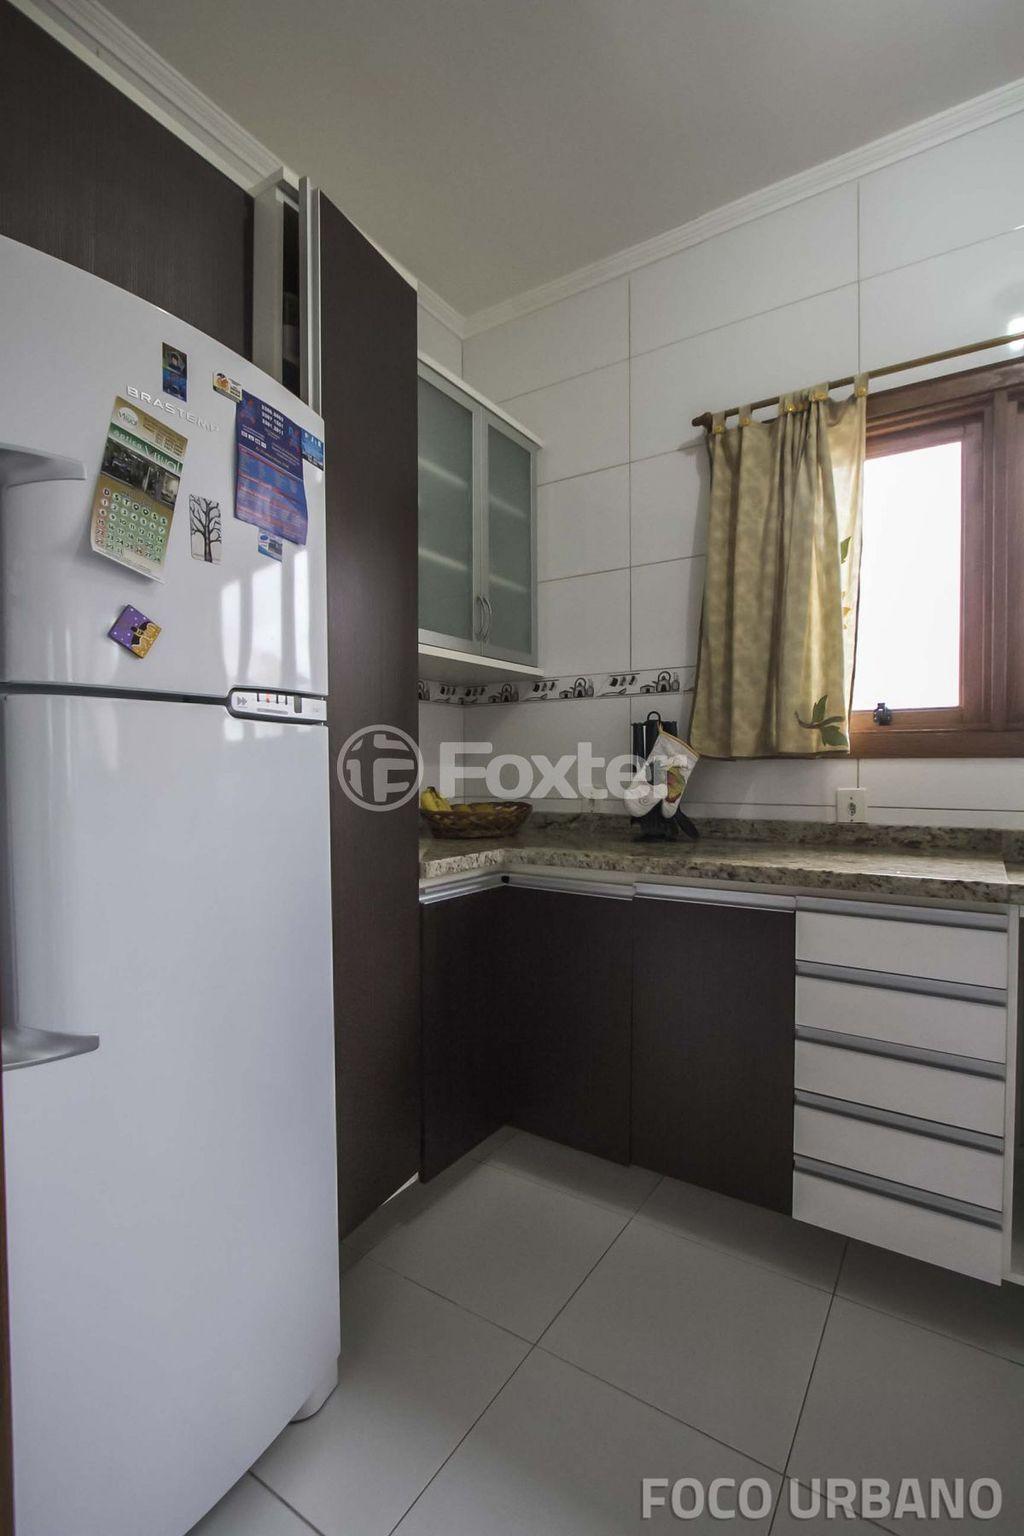 Foxter Imobiliária - Casa 4 Dorm, Mário Quintana - Foto 10